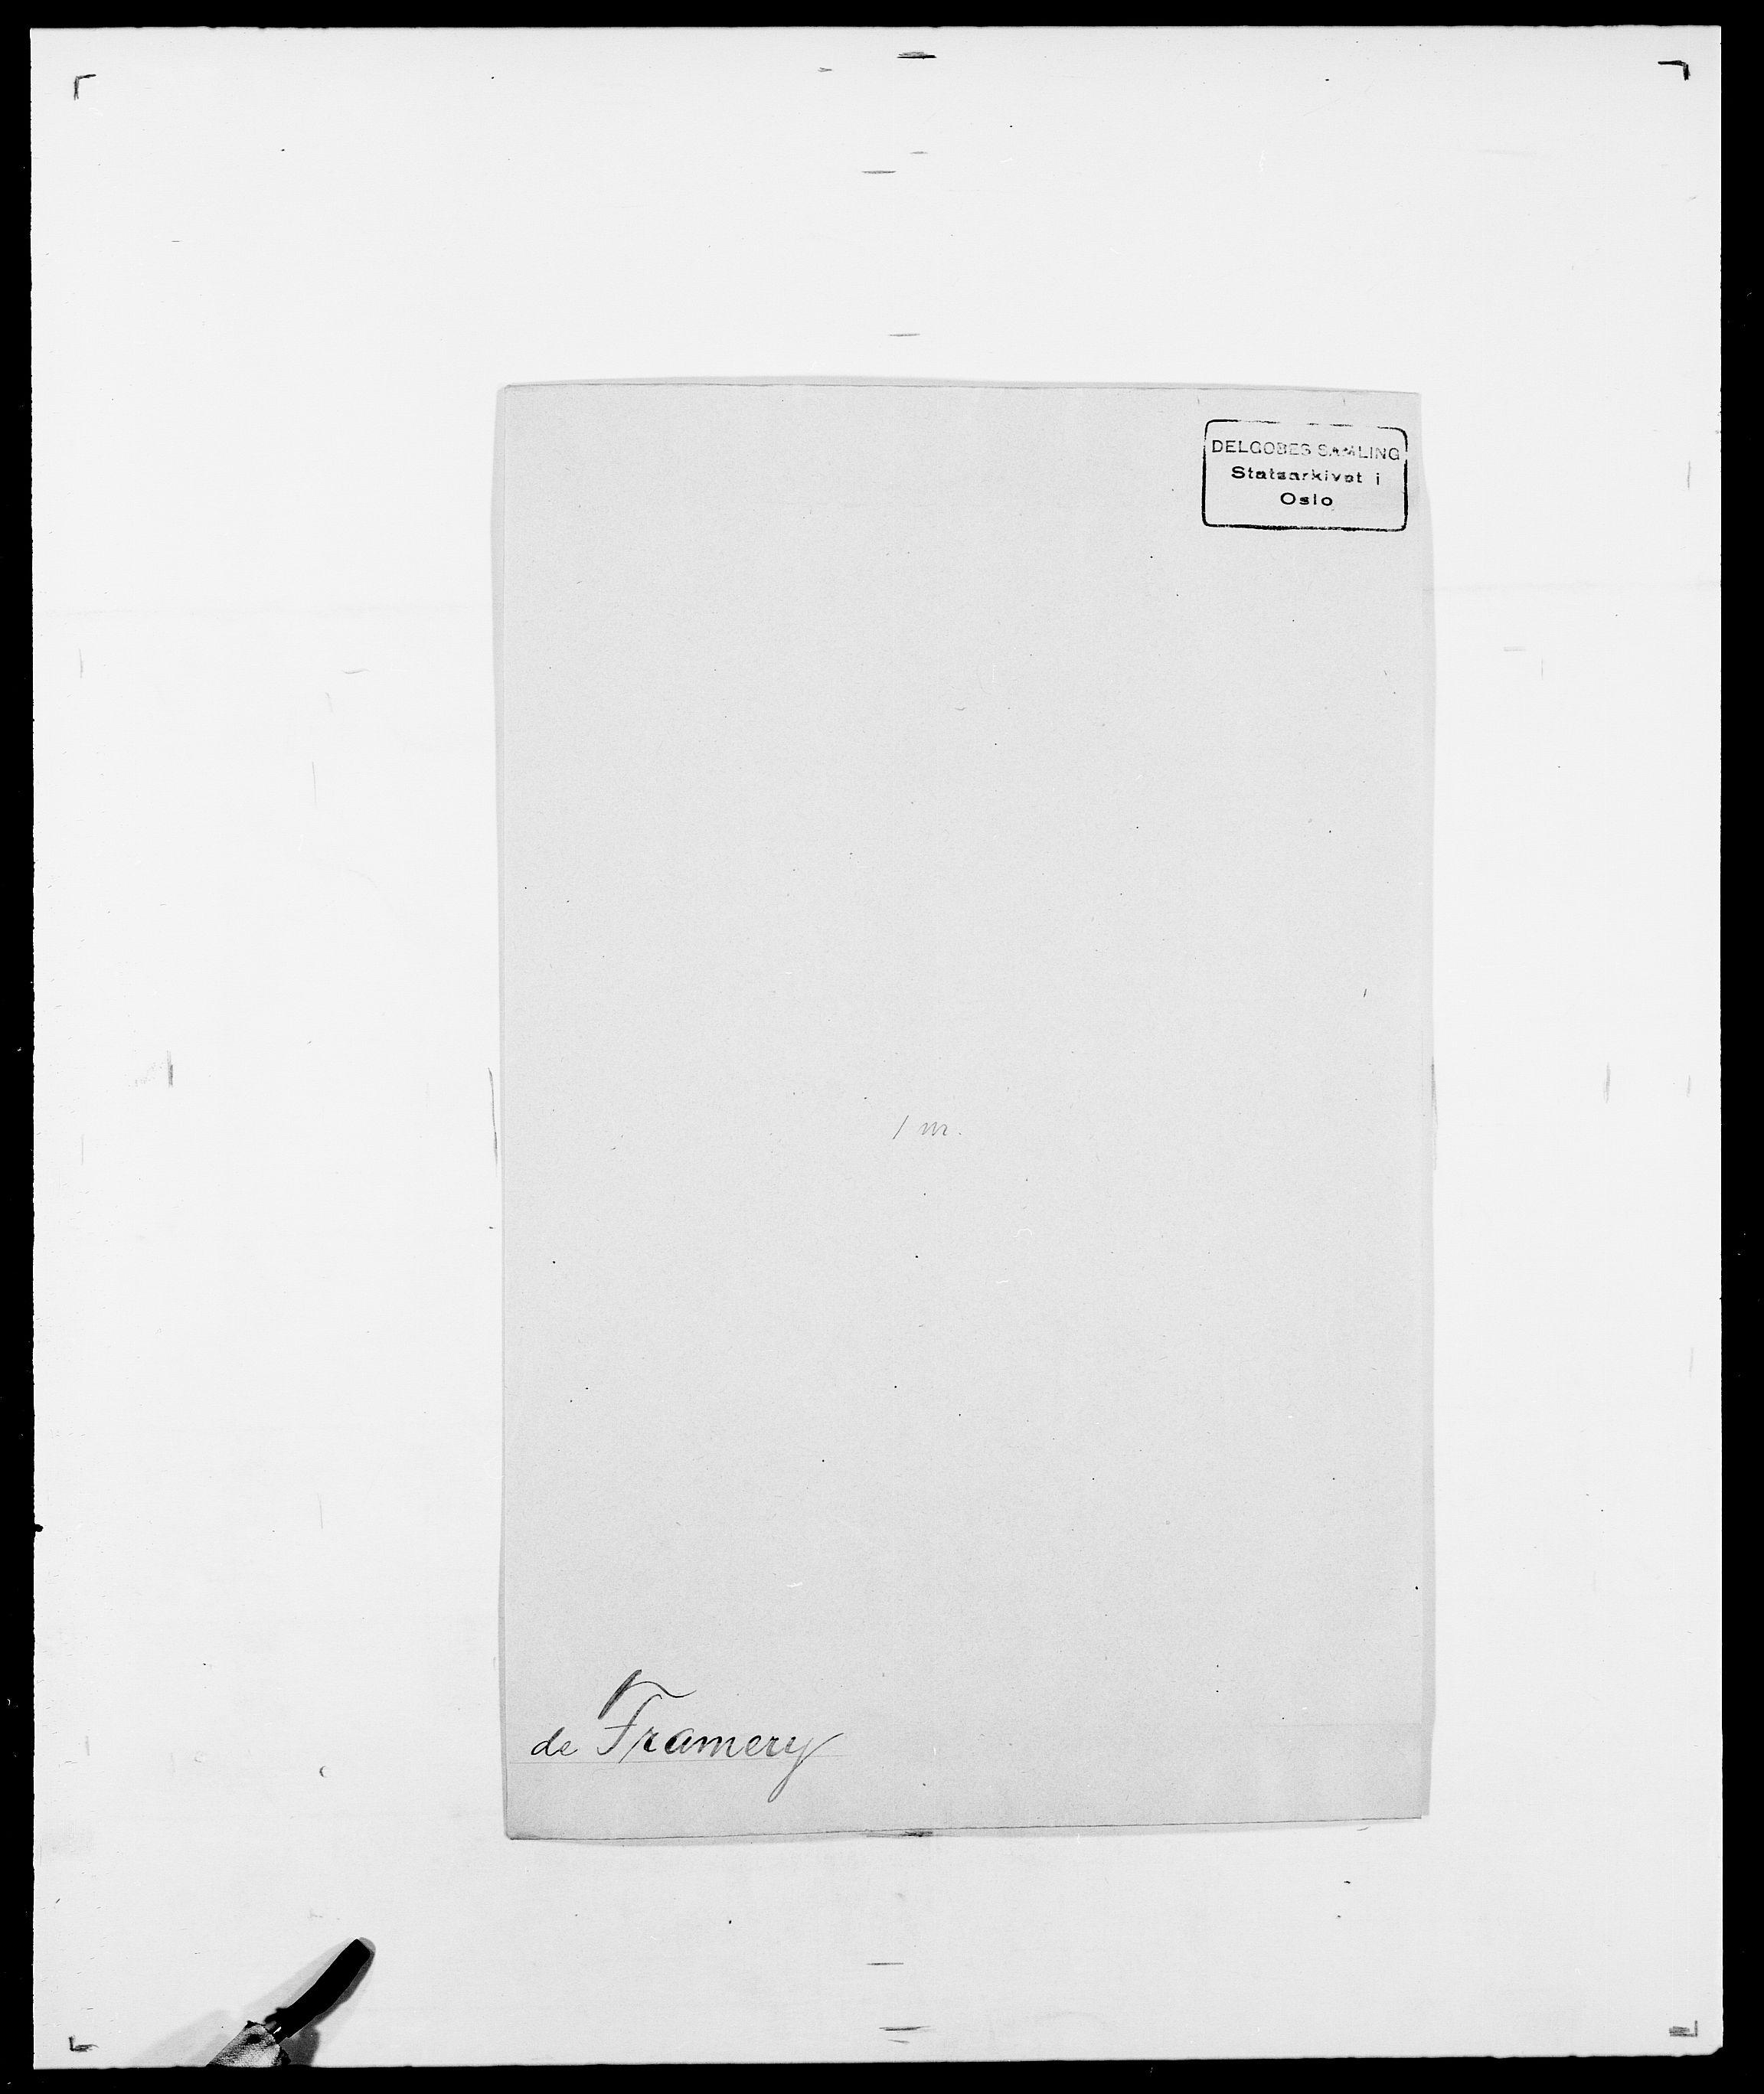 SAO, Delgobe, Charles Antoine - samling, D/Da/L0012: Flor, Floer, Flohr - Fritzner, s. 692